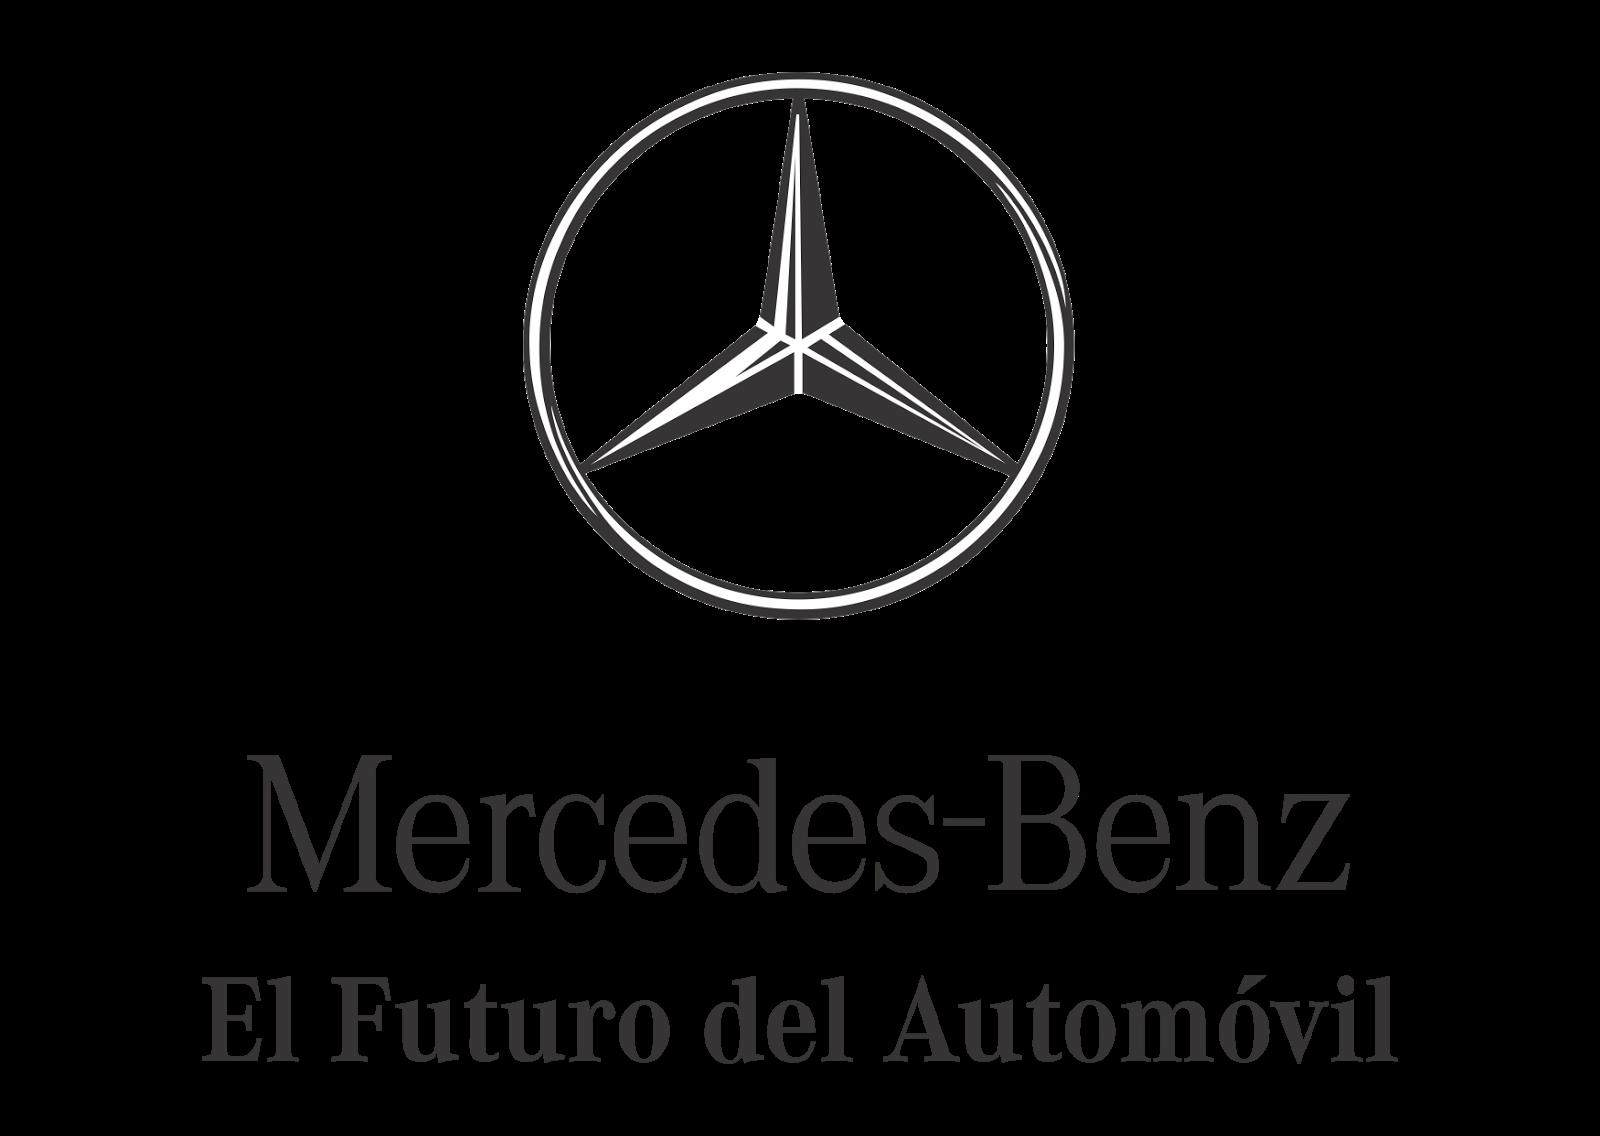 Mercedes Benz Logo Png Transparent Mercedes Benz Logo Png Images